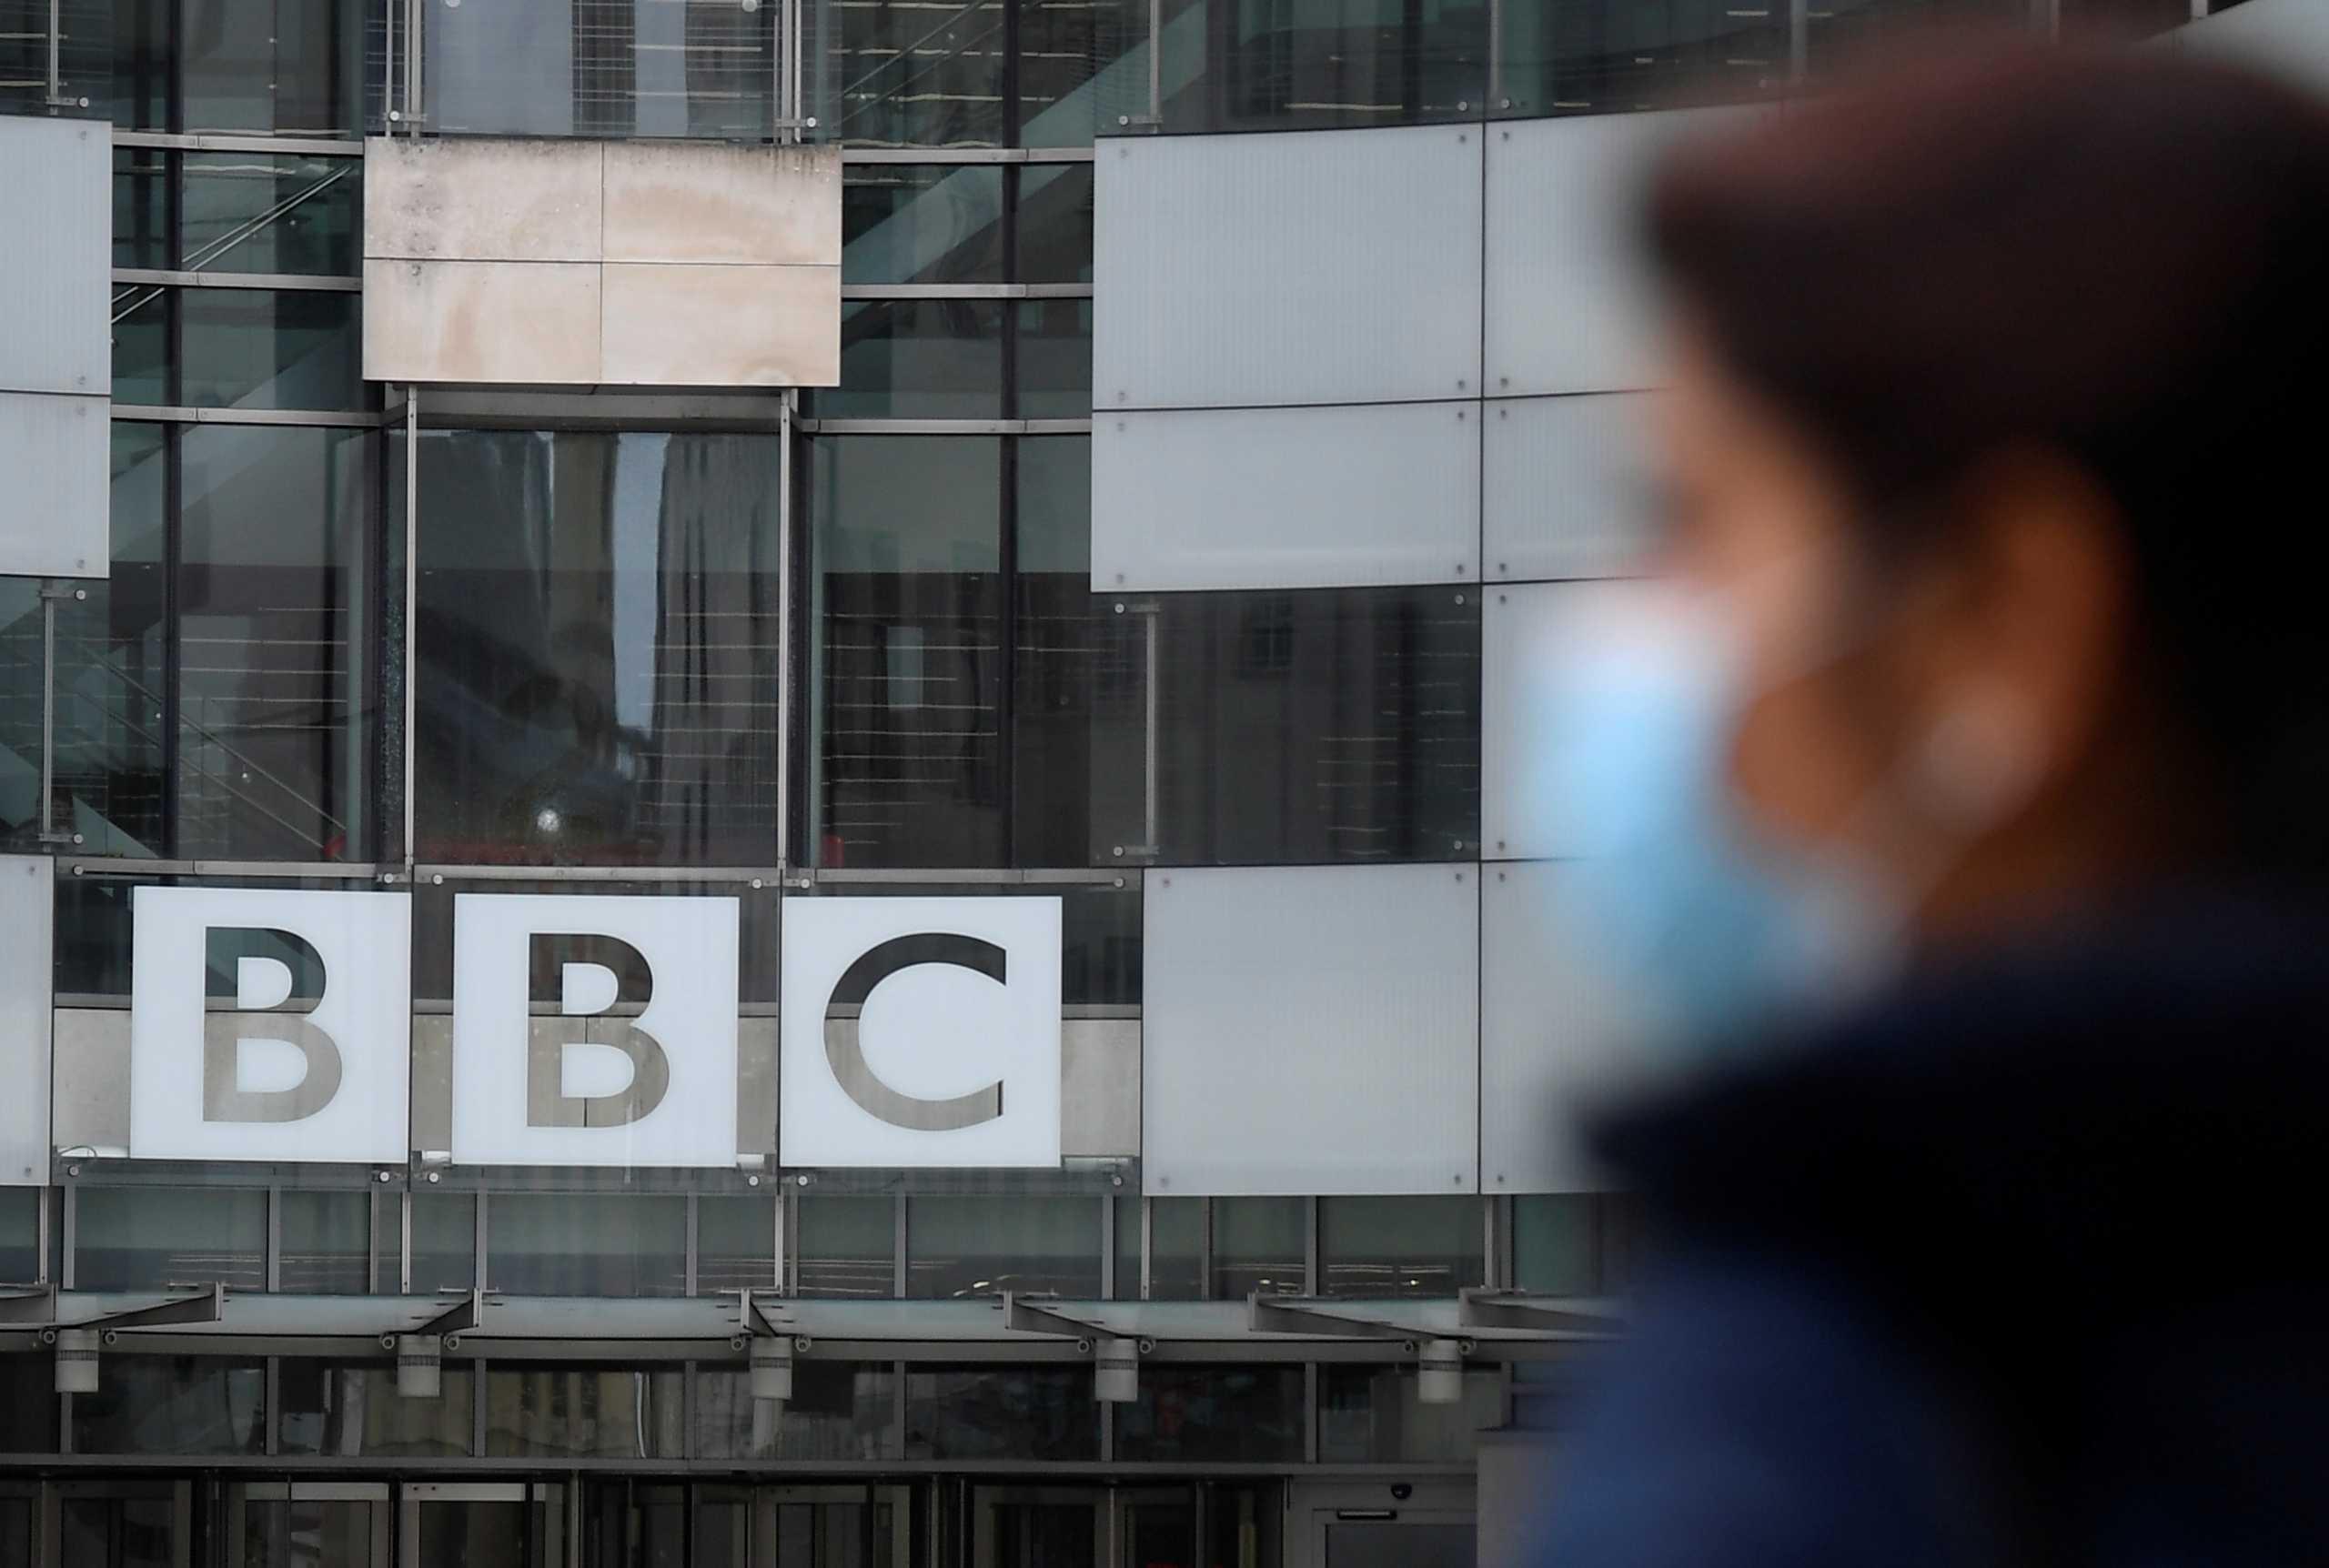 Βρετανία: Πέθανε 44χρονη παρουσιάστρια του BBC λίγες μέρες αφού έκανε το εμβόλιο της AstraZeneca